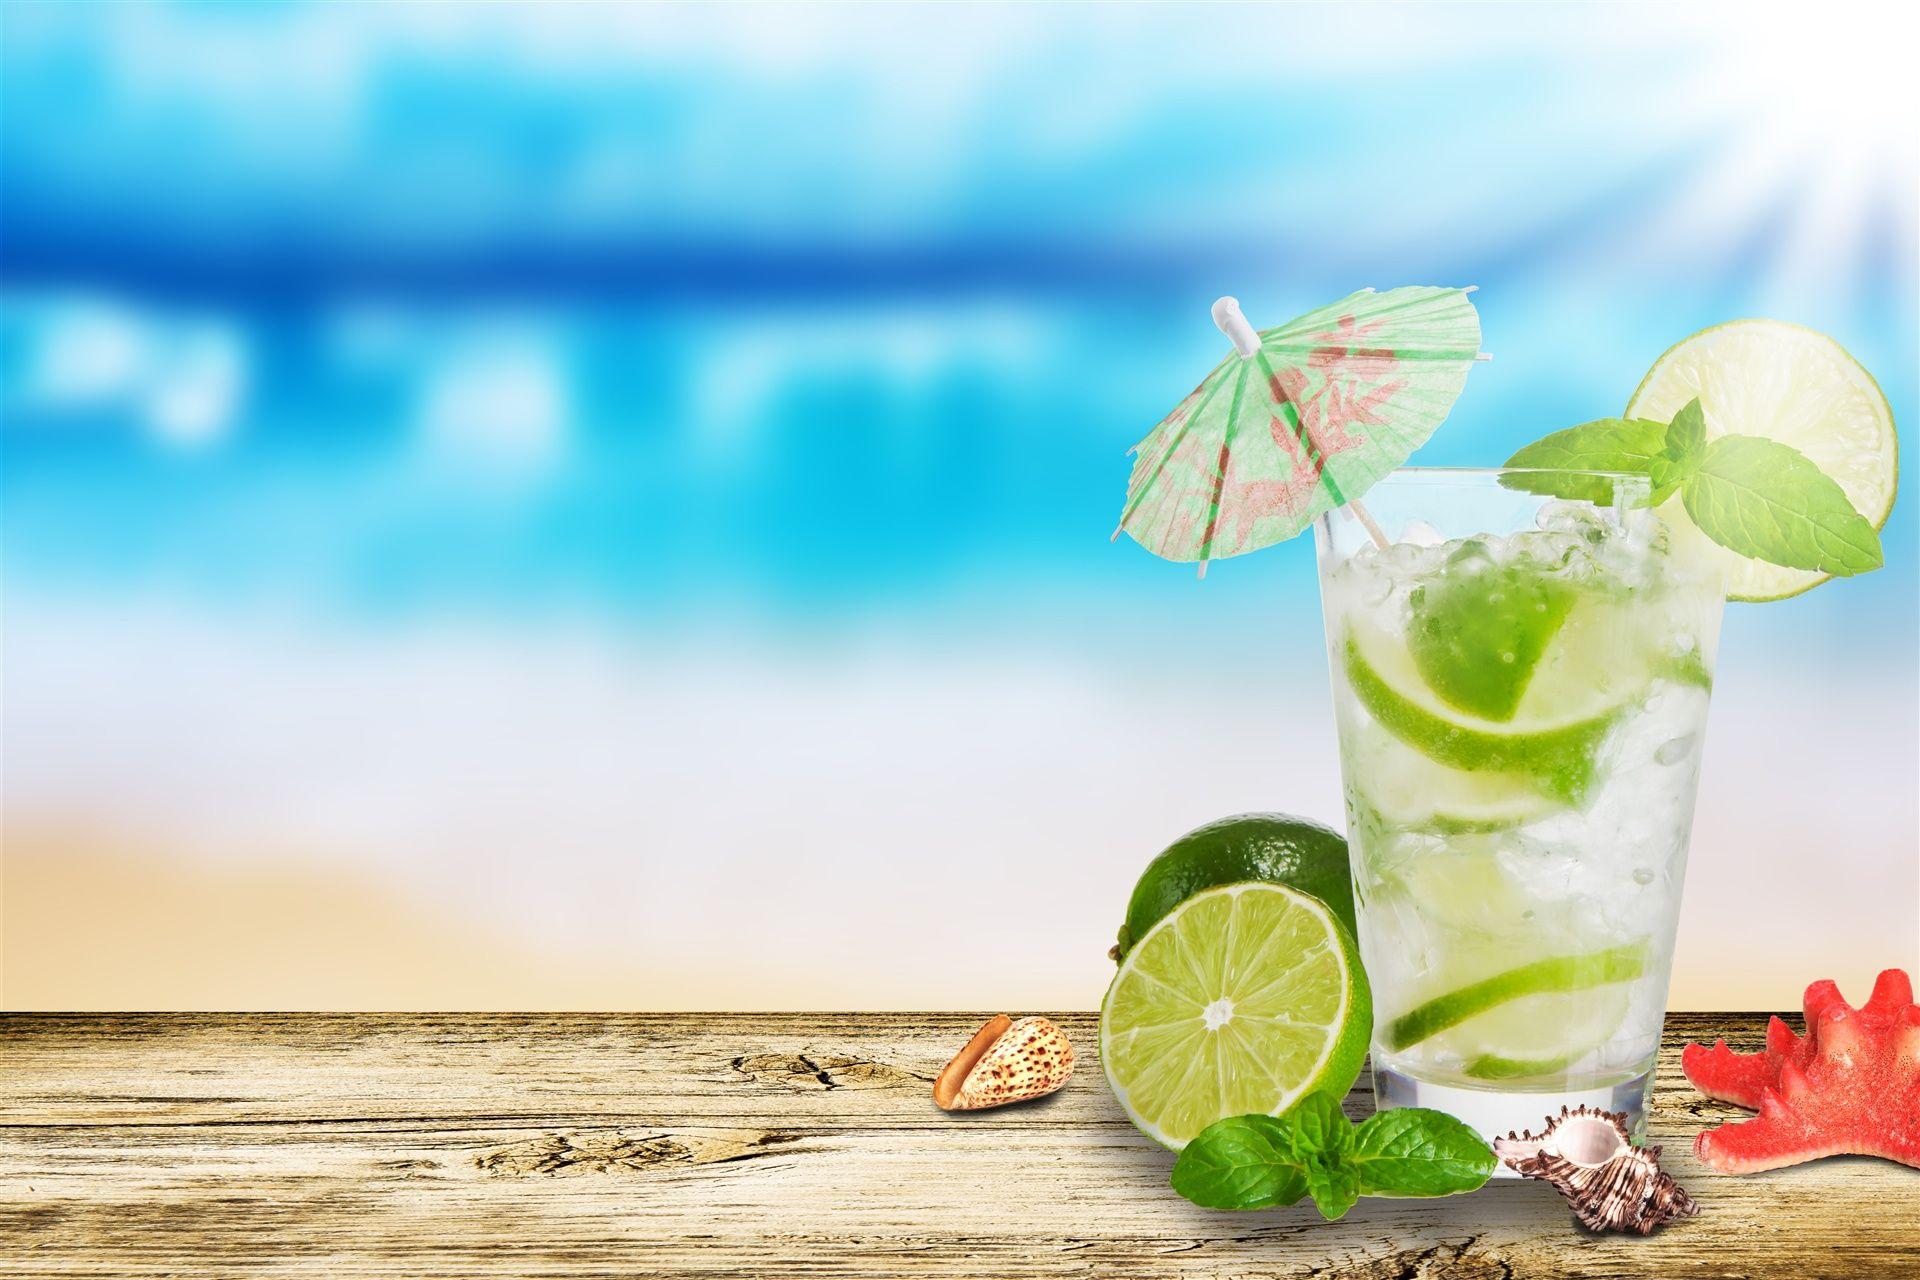 #un+parapluie,+#chaux,+#étoile+de+mer,+#coquilles,+#mojito,+#verre